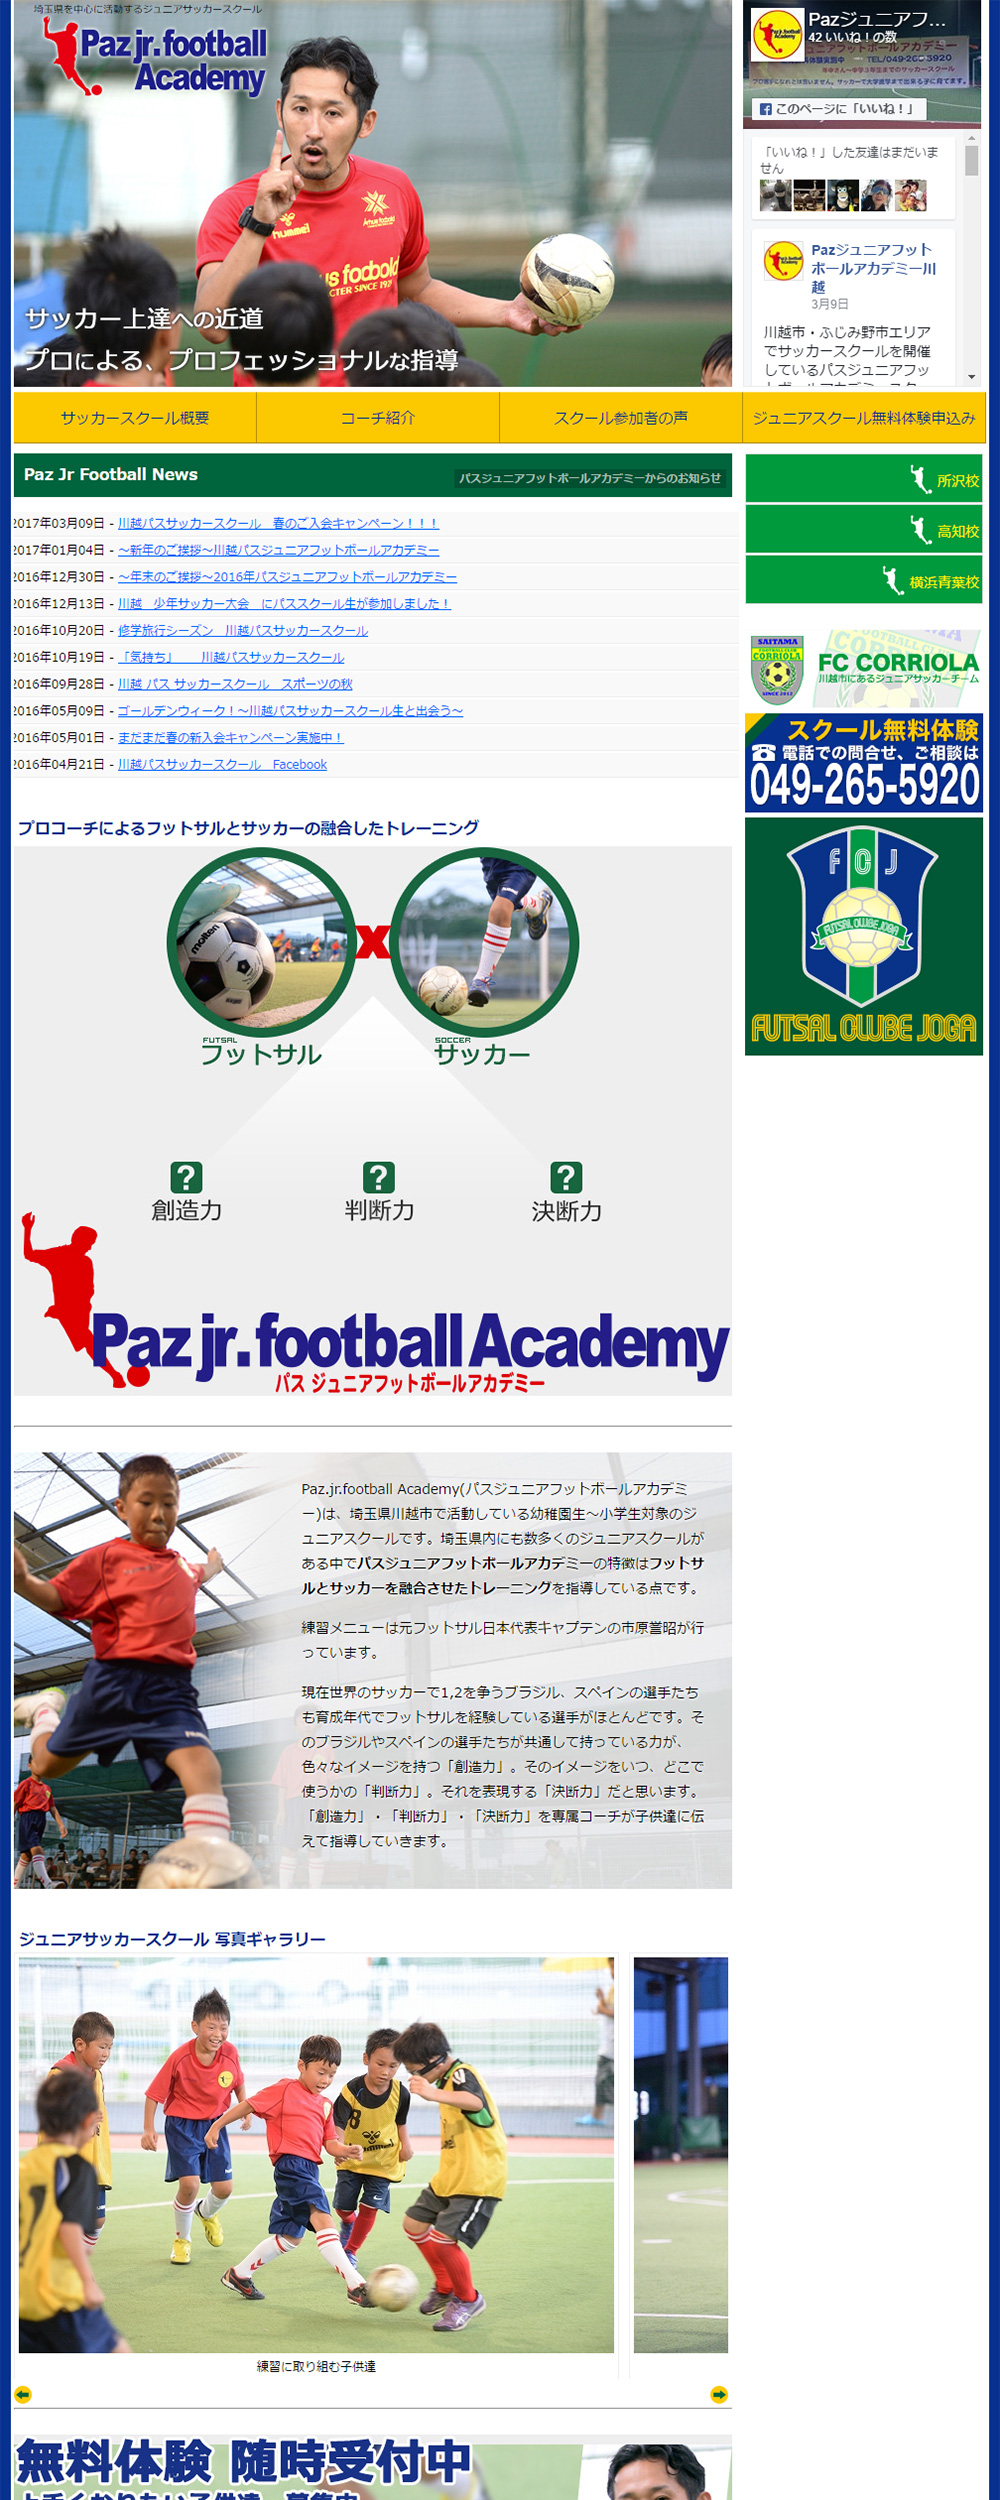 パスジュニアフットボールアカデミー